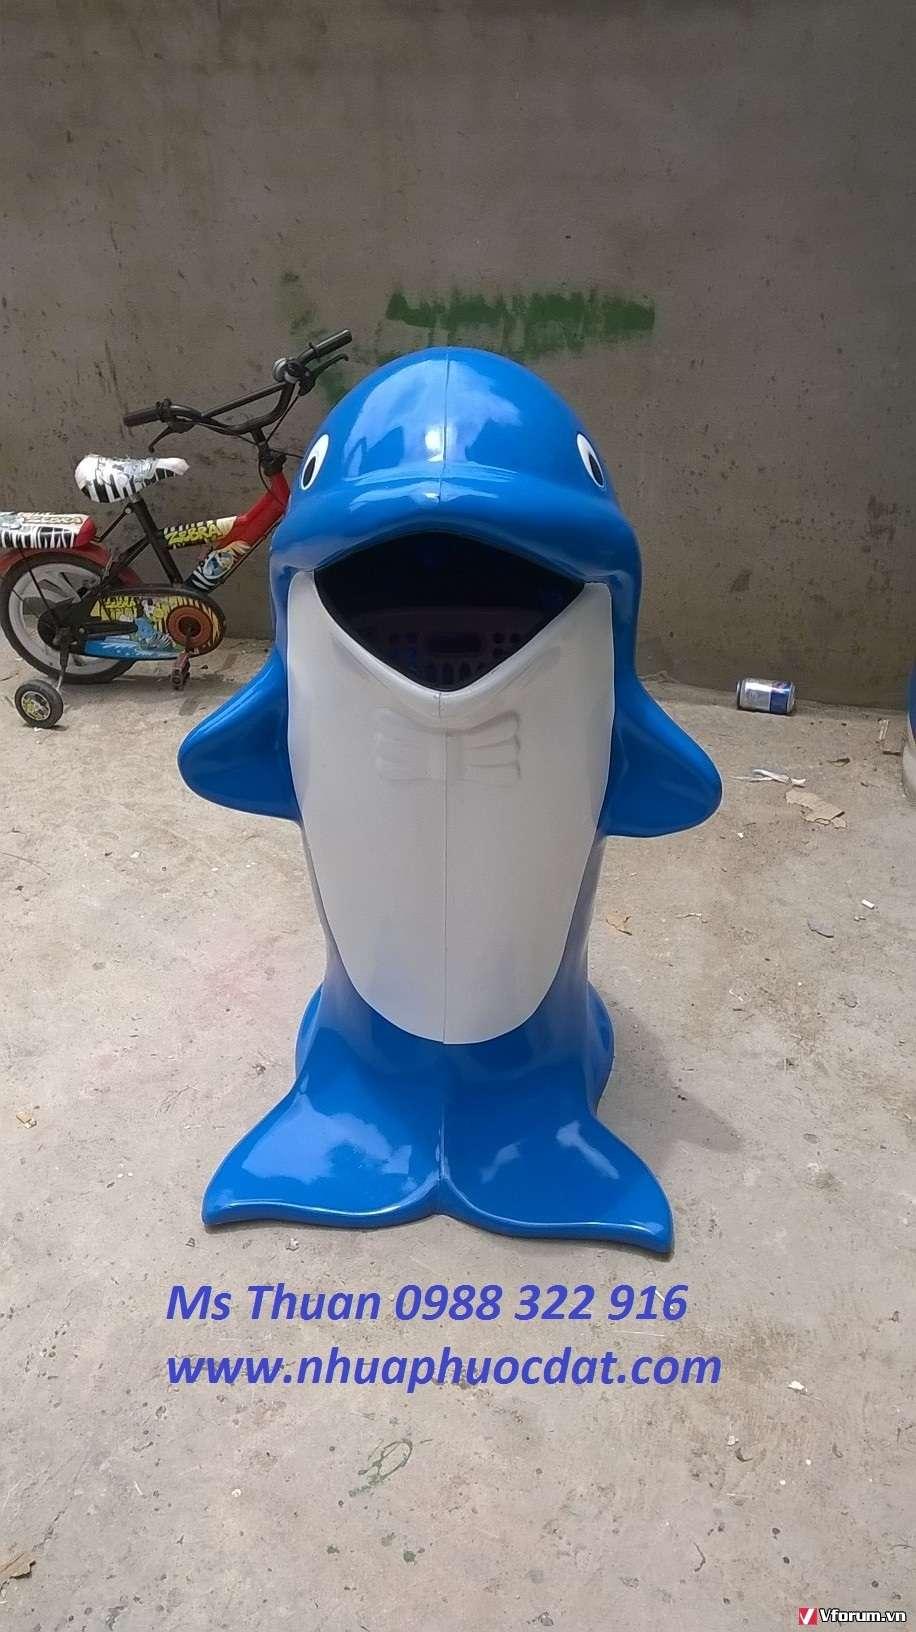 Bán thùng rác cá heo, thùng rác hình thú trên toàn quốc.